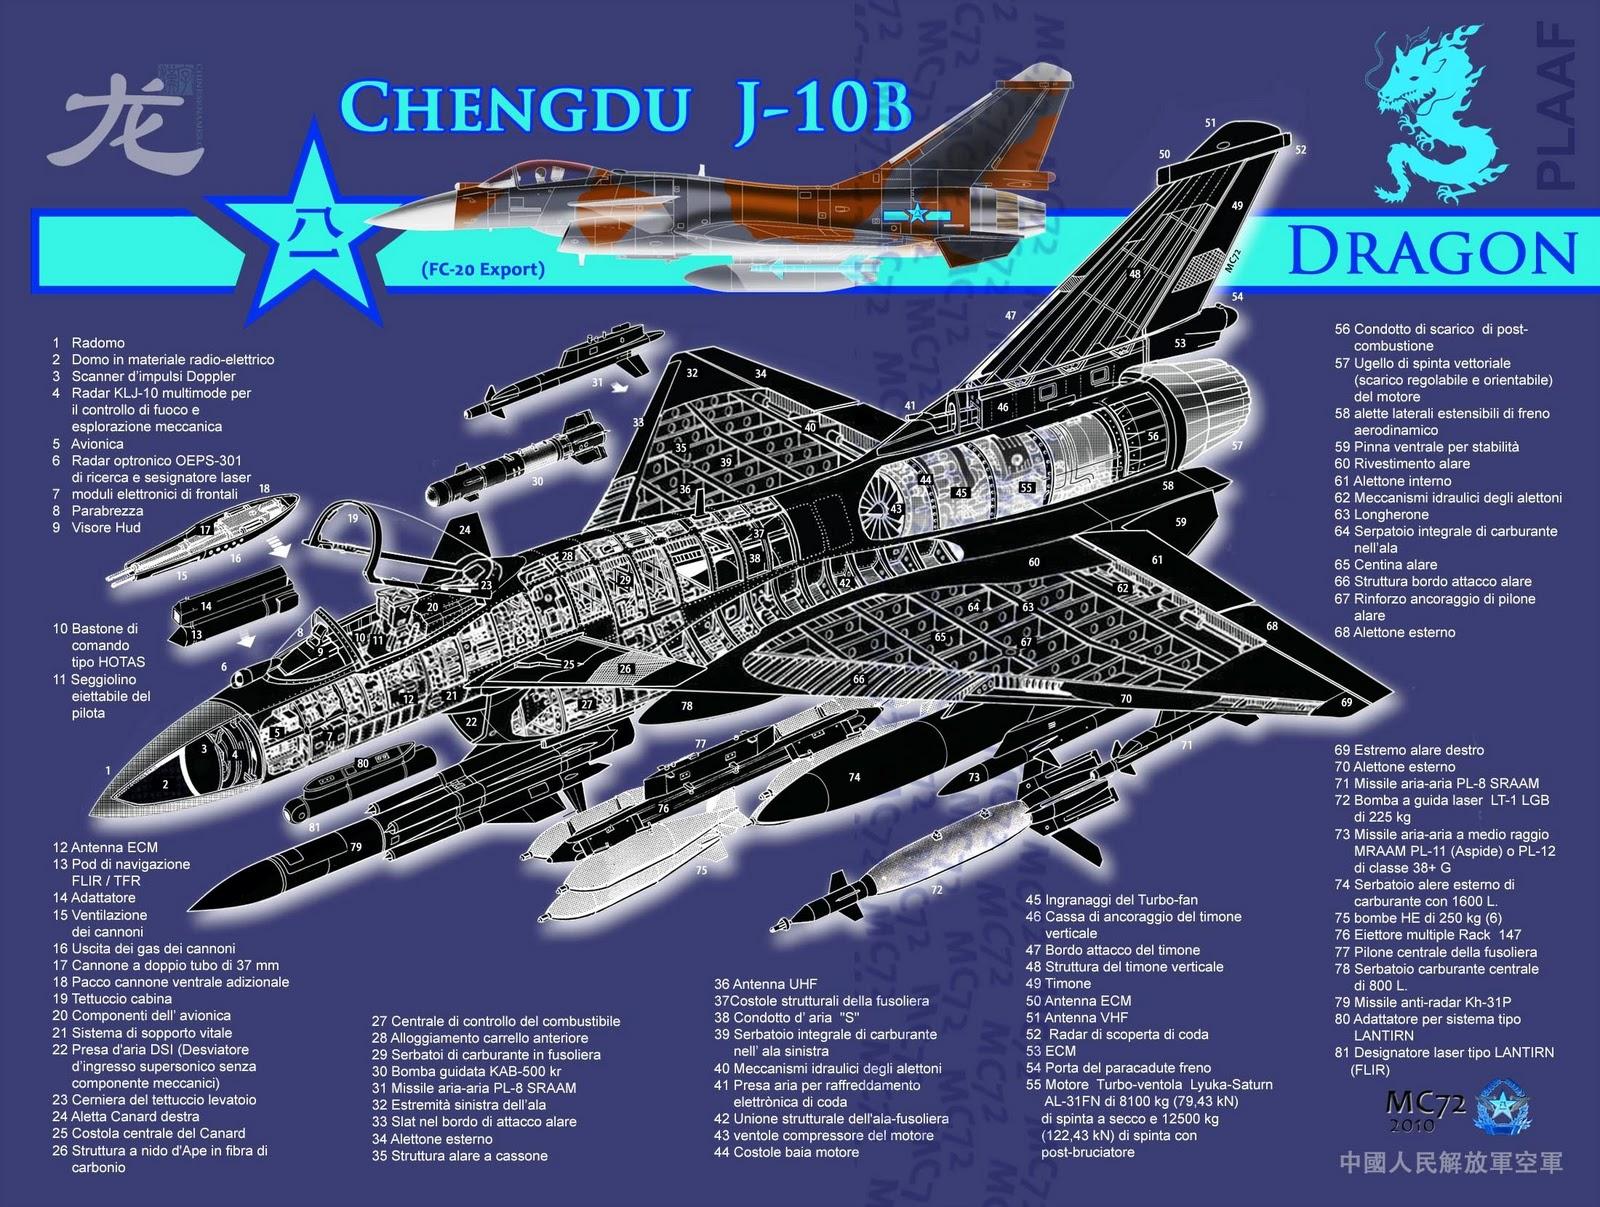 مواصفات المقاتله الصينيه j-10b المطروحه